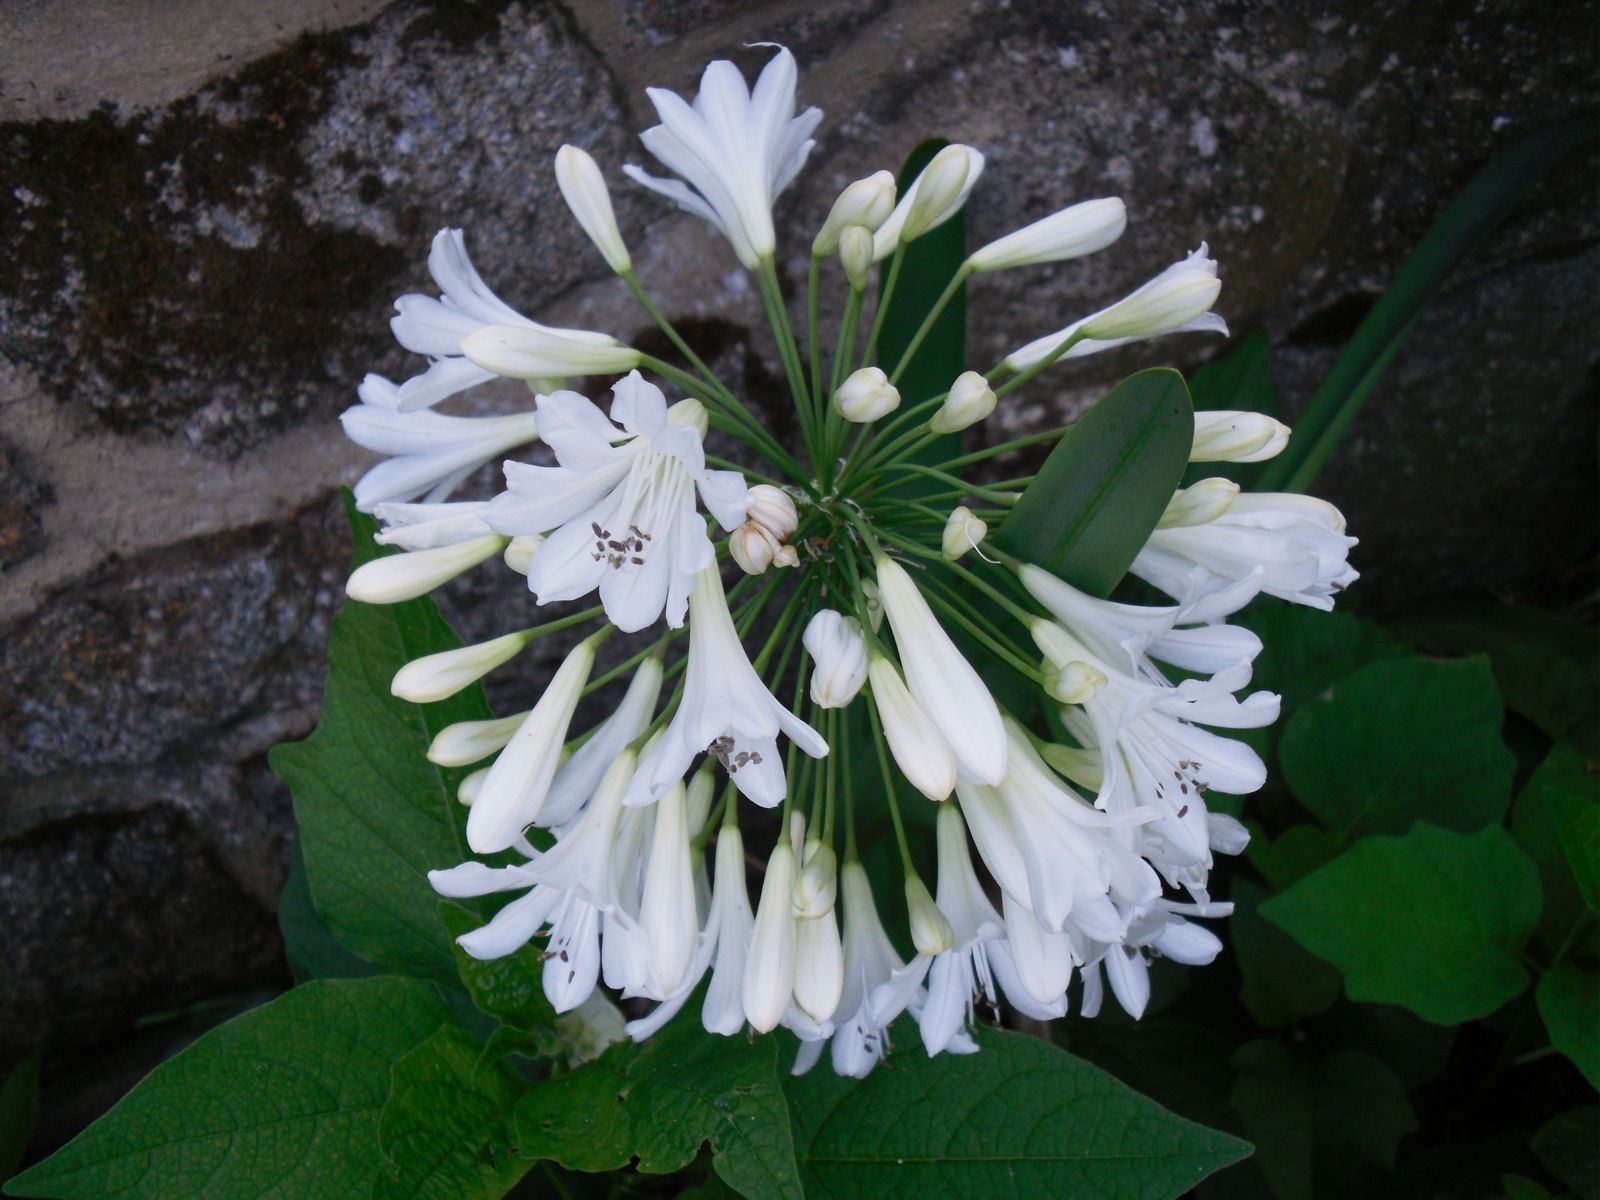 1- platycodon, 2- herbes de la pampa (Le Mans), 3- tronc cerisier, 4 et 5- agapanthe, 6- fleur inconnue, 7- ânes (Aube), 8 et 9- graines de chardon.